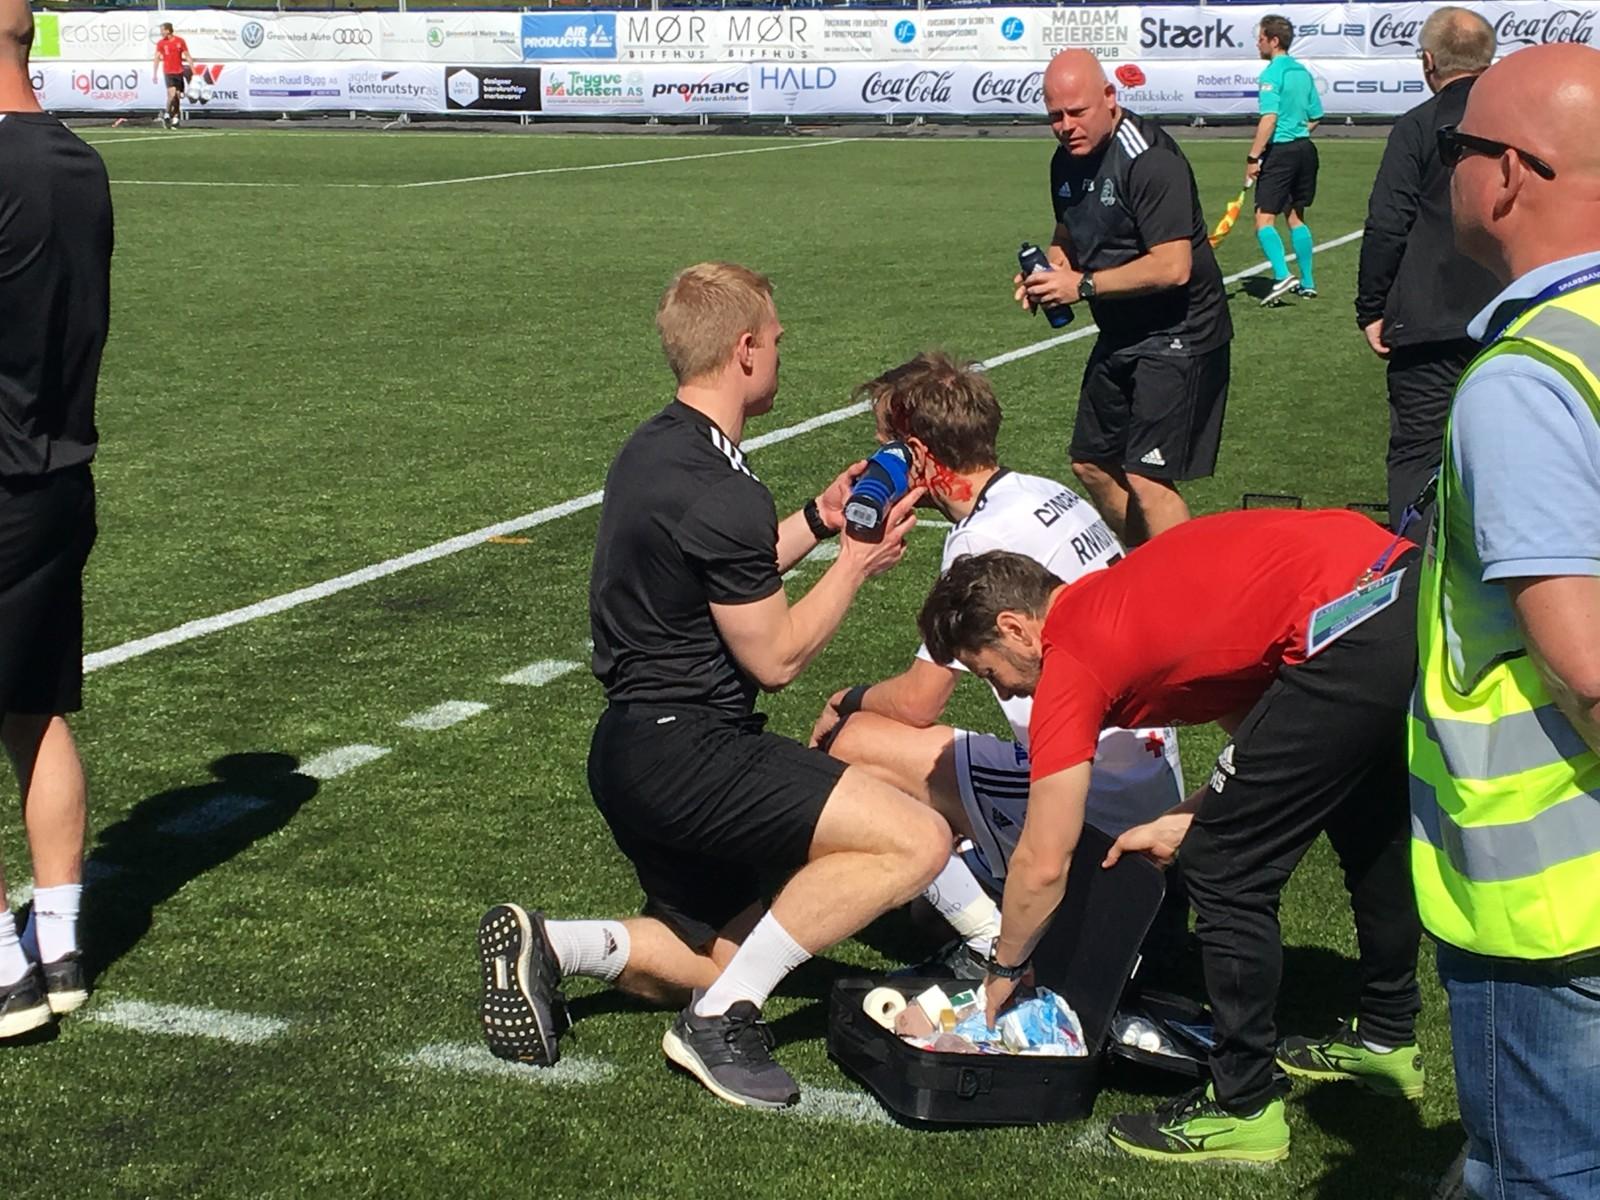 Petar Rnkovic fikk seg en smell i hodet i en duell og måtte få behandling på sidelinjen.